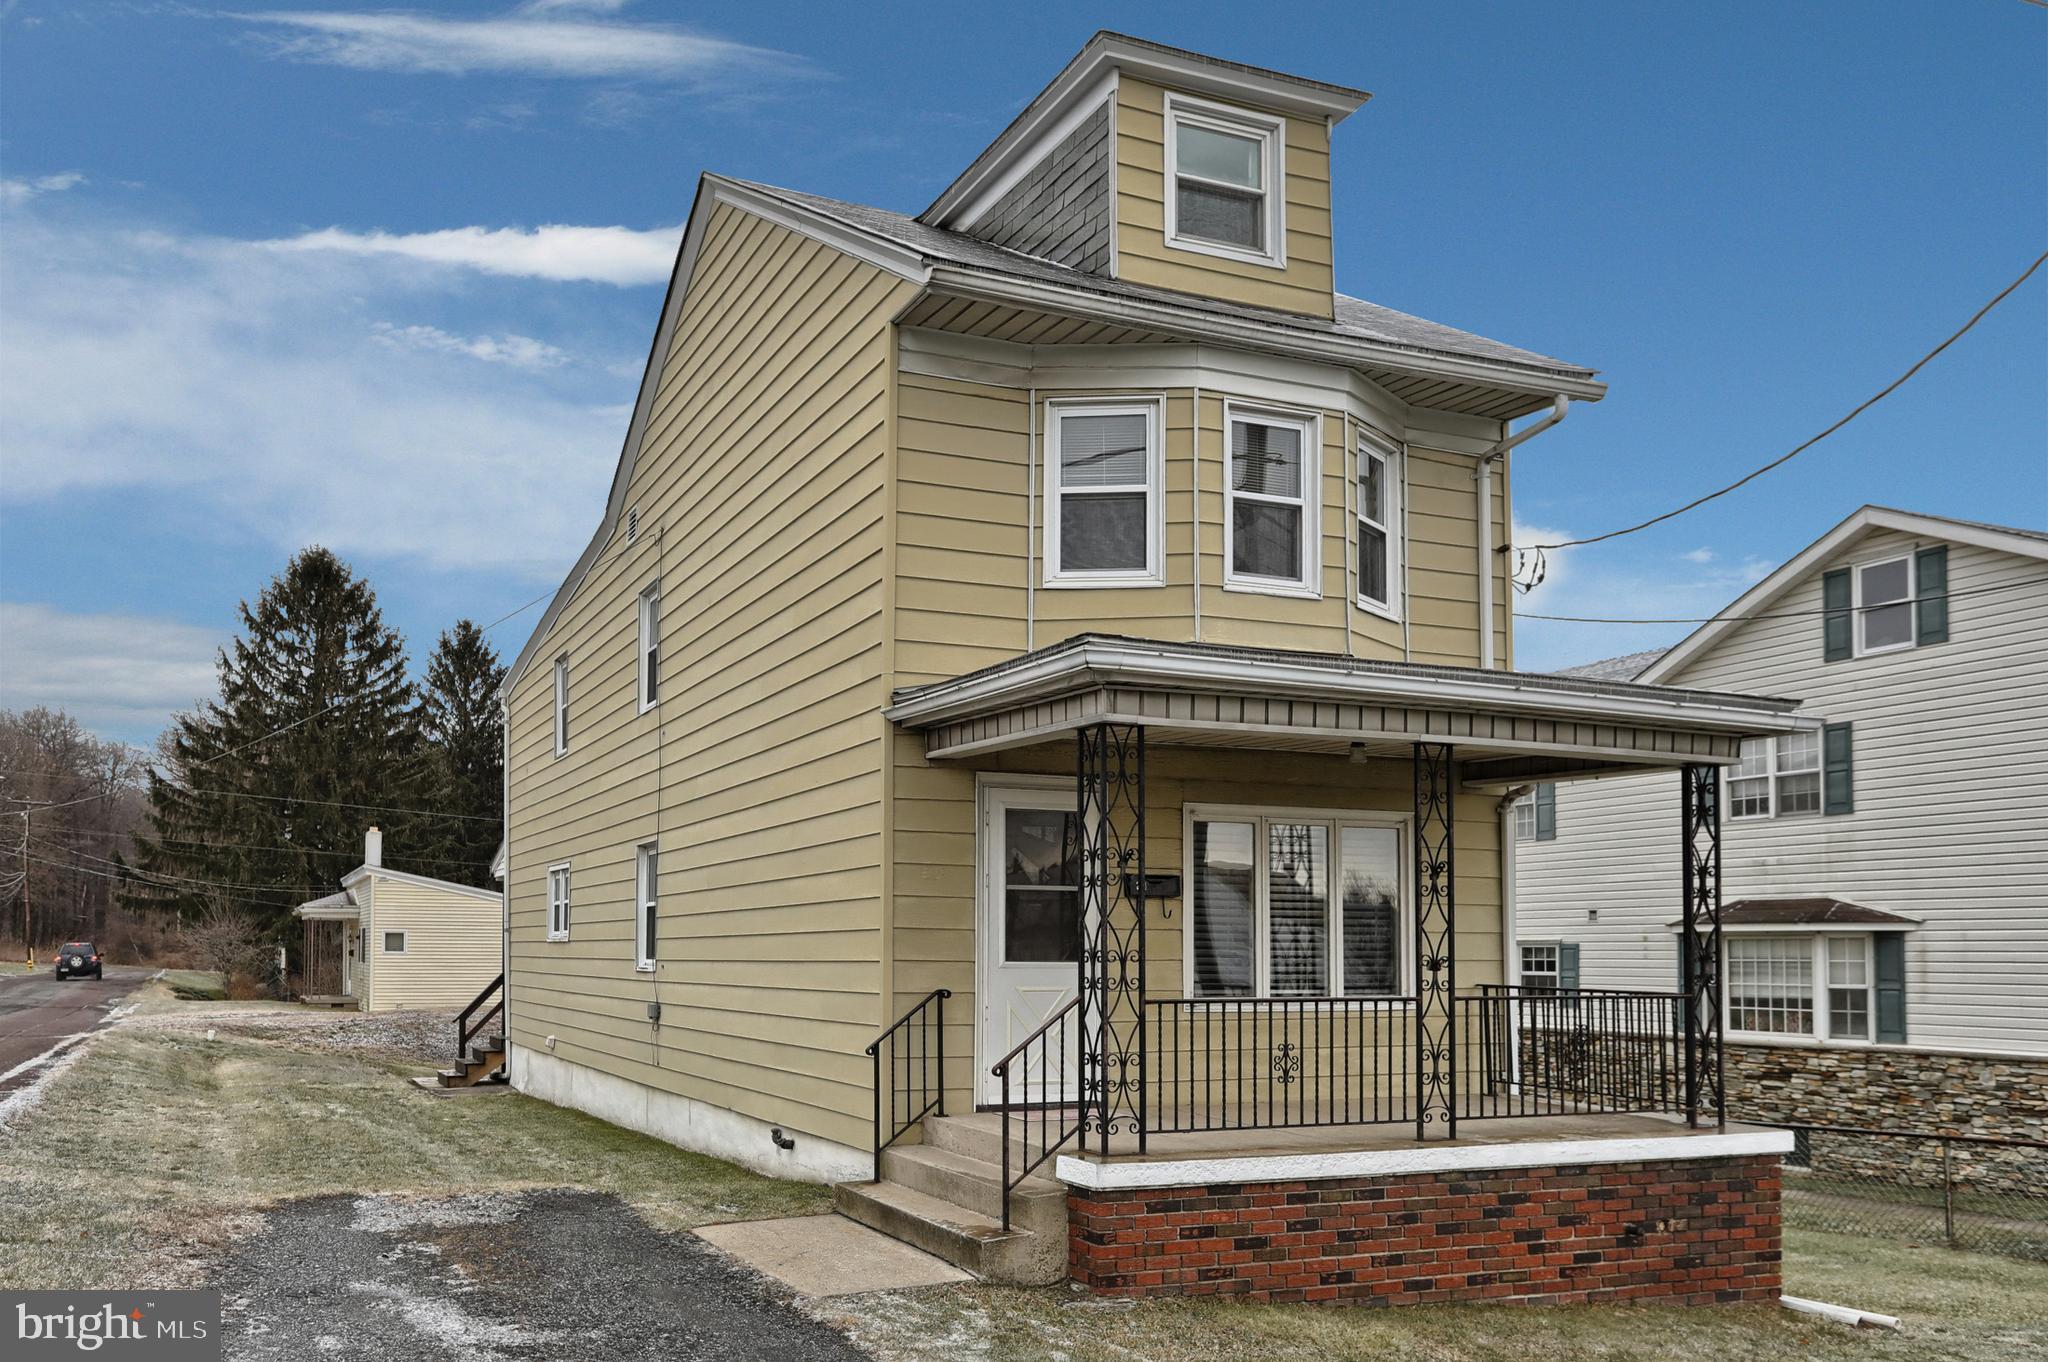 401 S LINE STREET, FRACKVILLE, PA 17931